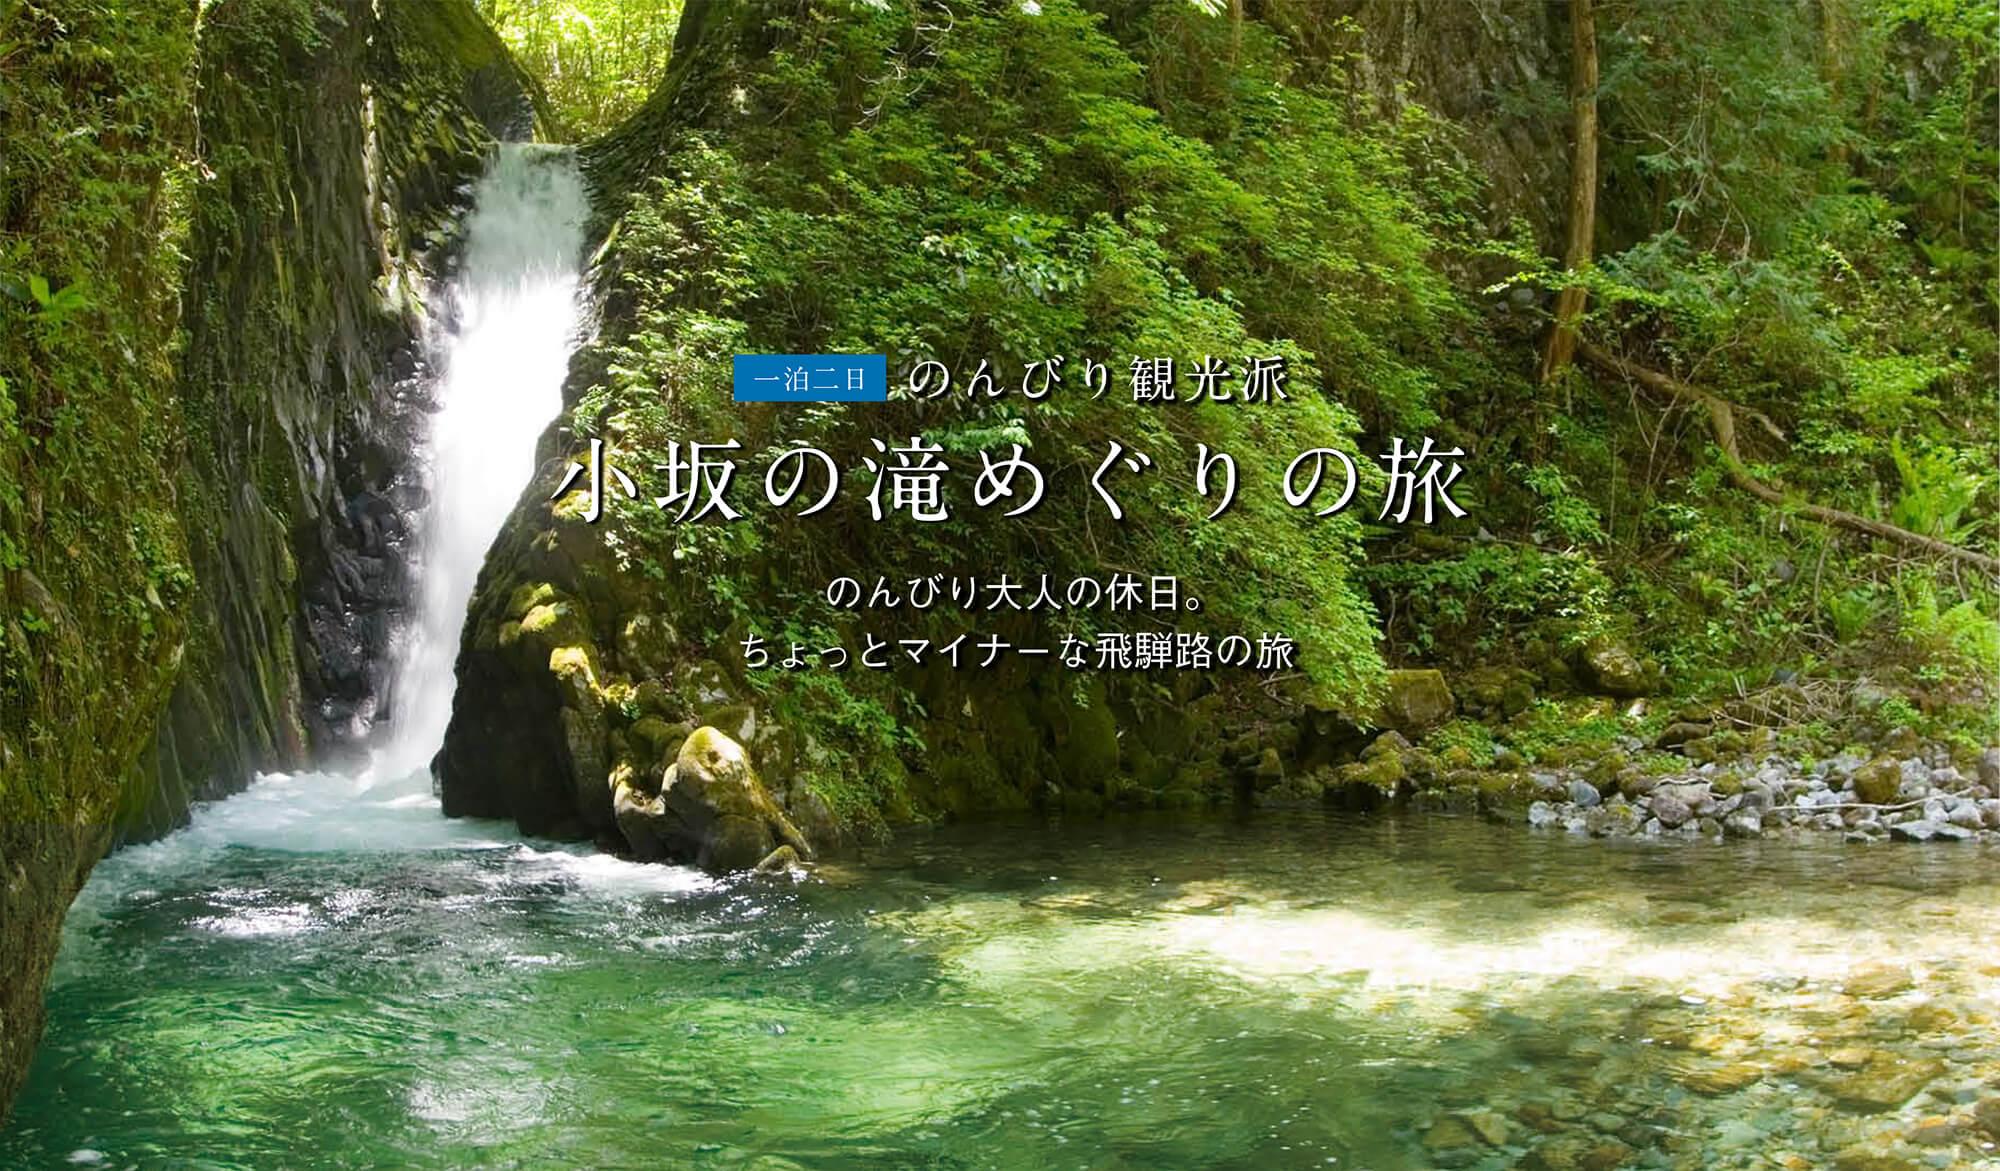 小坂の滝めぐりの旅